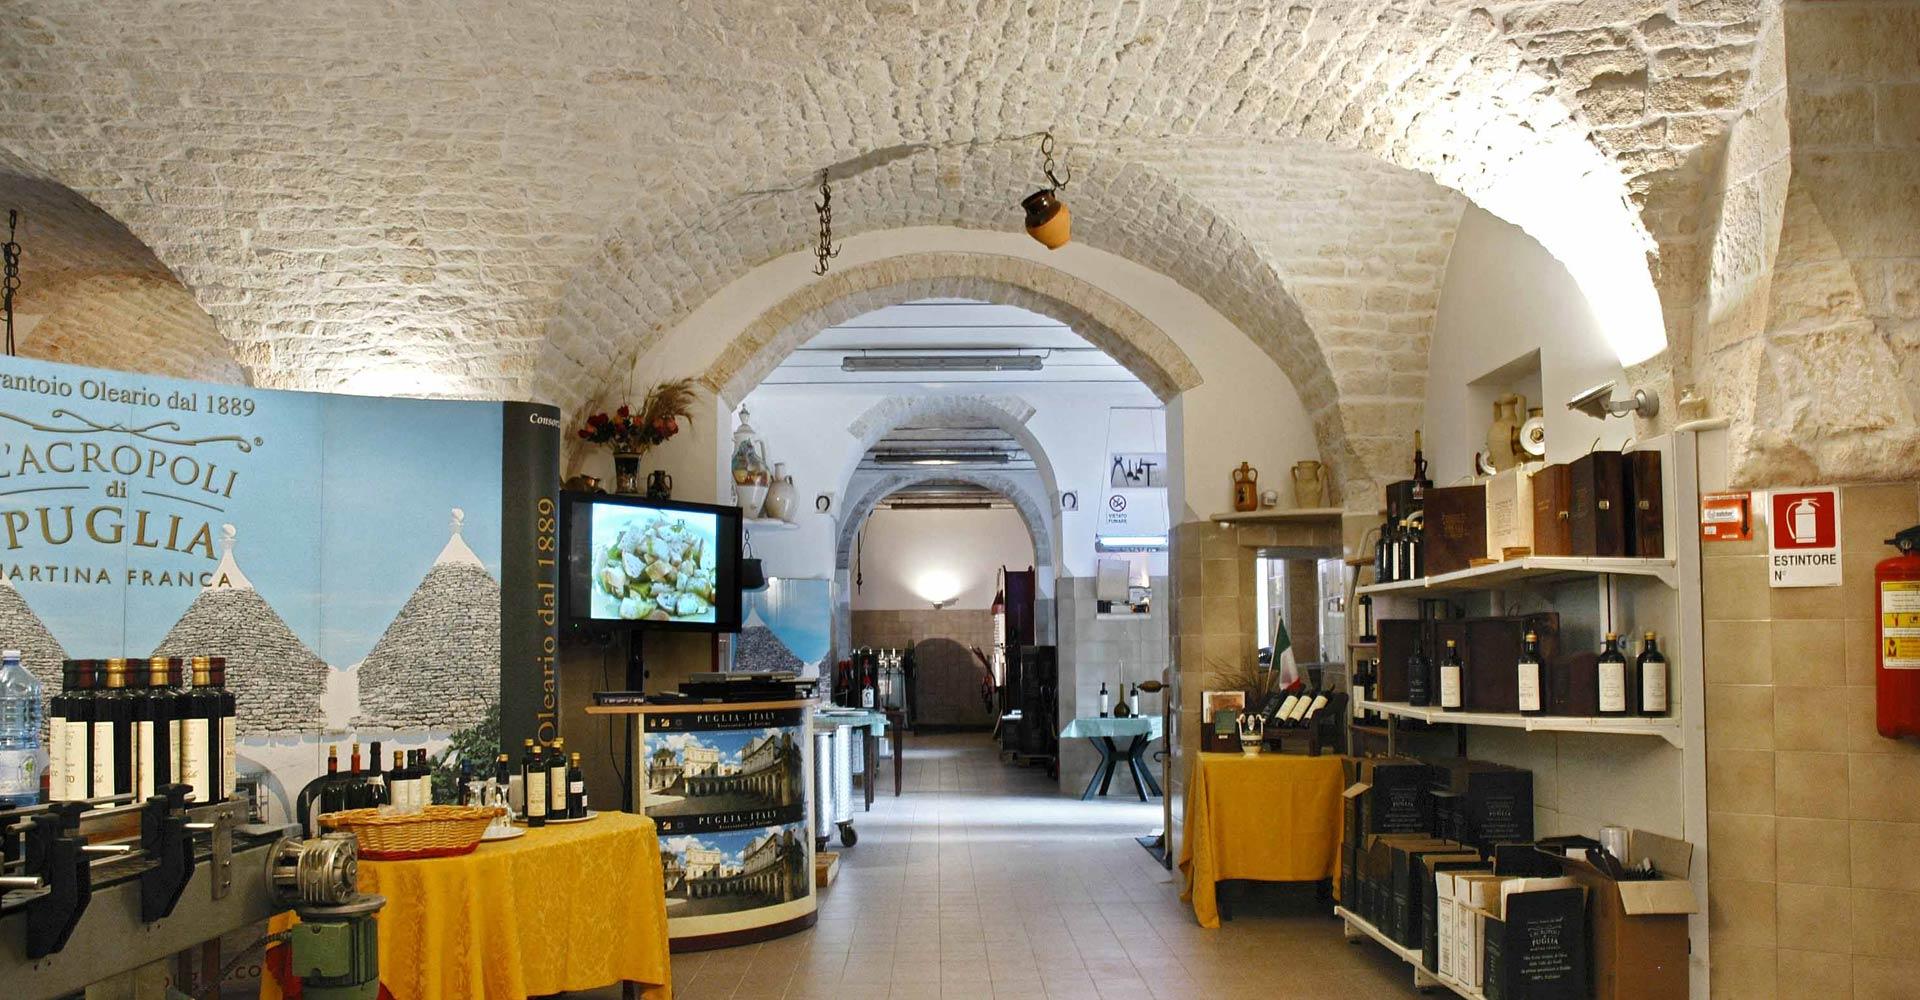 Frantoio oleario l'Acropoli di Puglia a Martina Franca